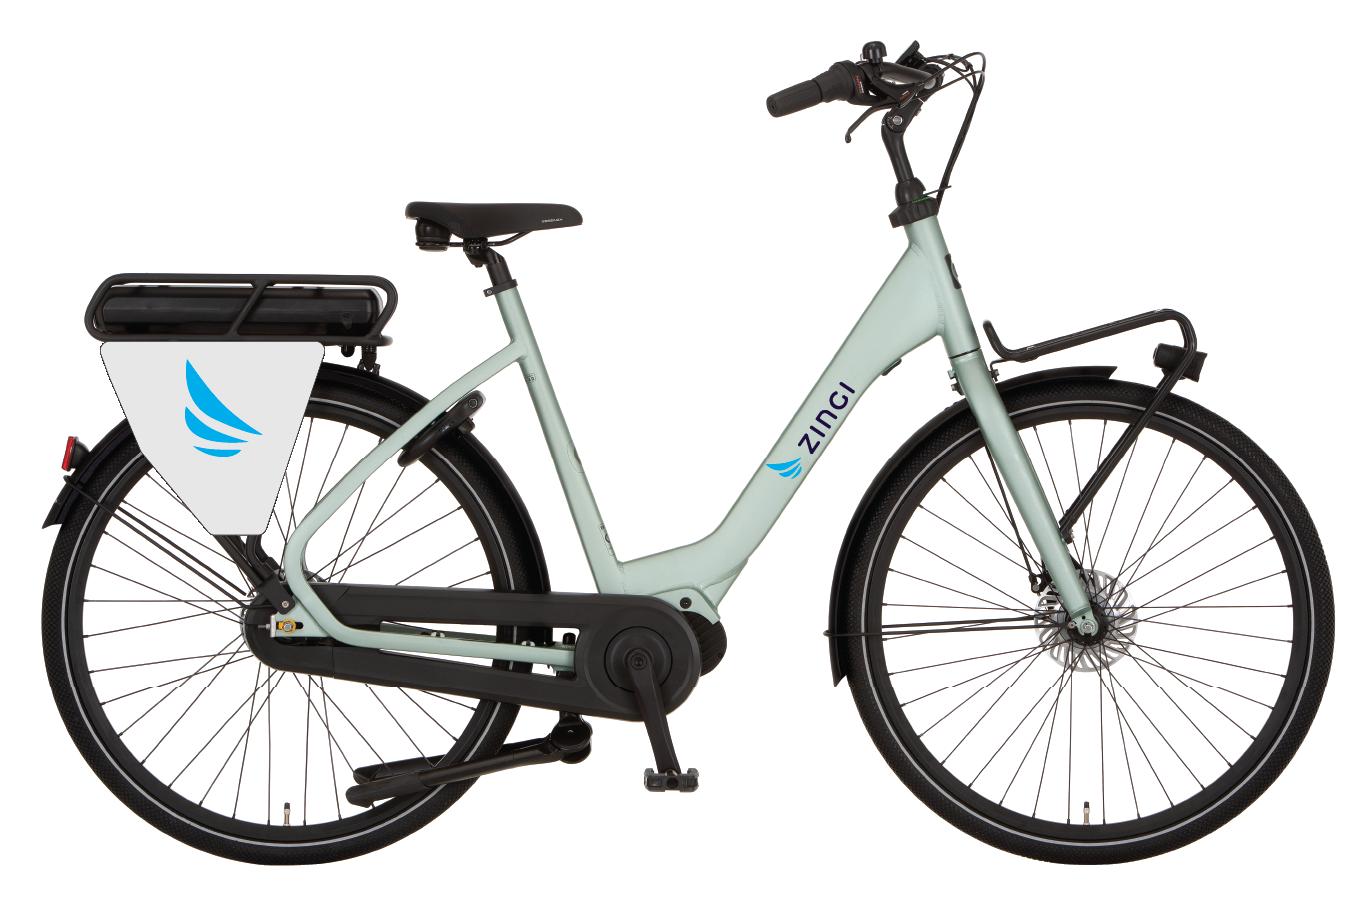 Zingi e-bike